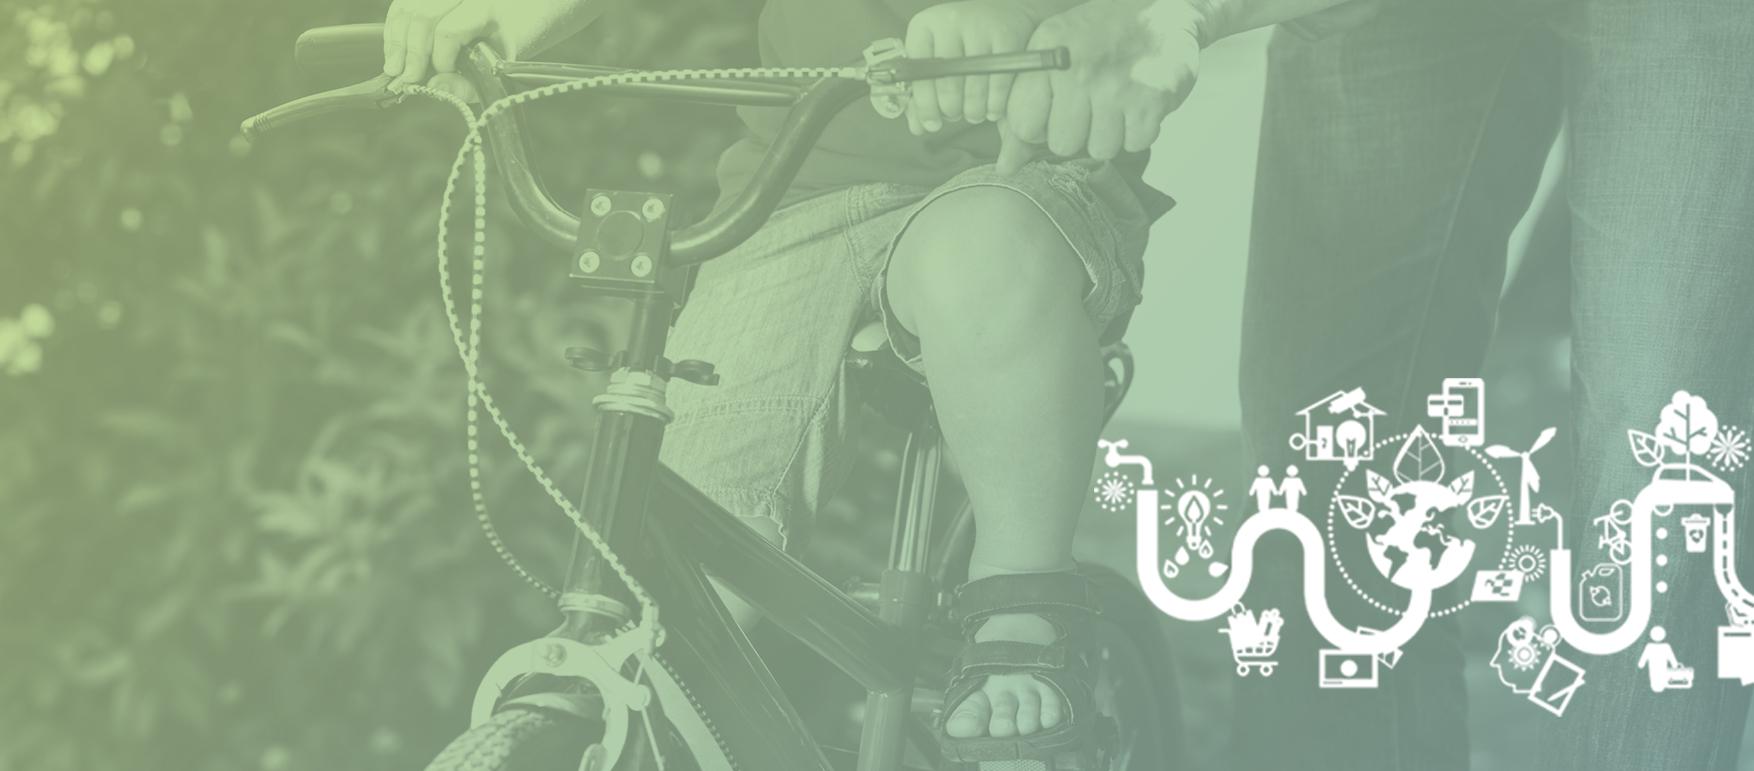 Pojke som cyklar och en förälder hjälper till att hålla i styret.